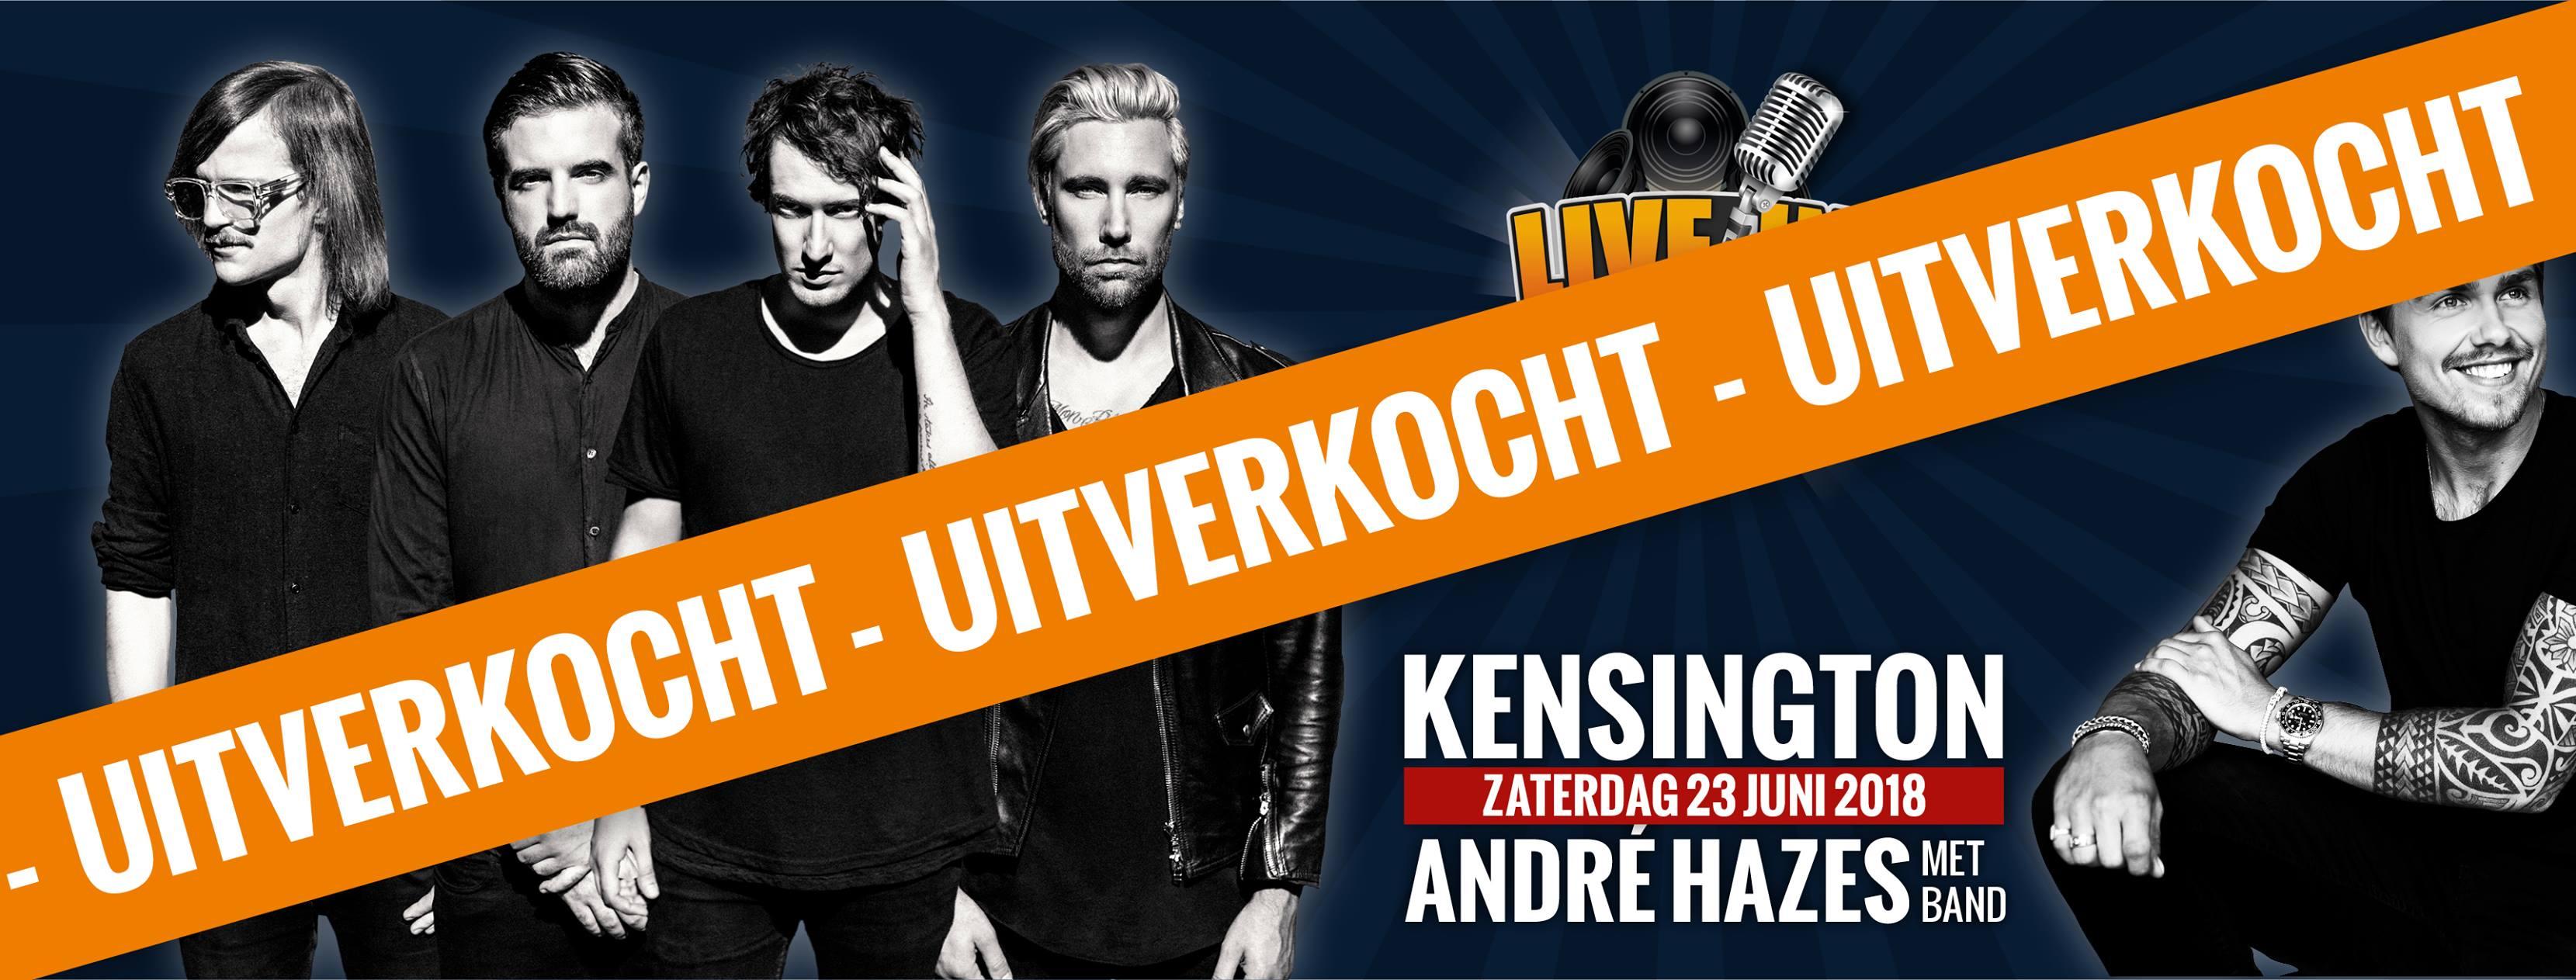 Kensington en André Hazes naar Live in Hoorn (uitverkocht)